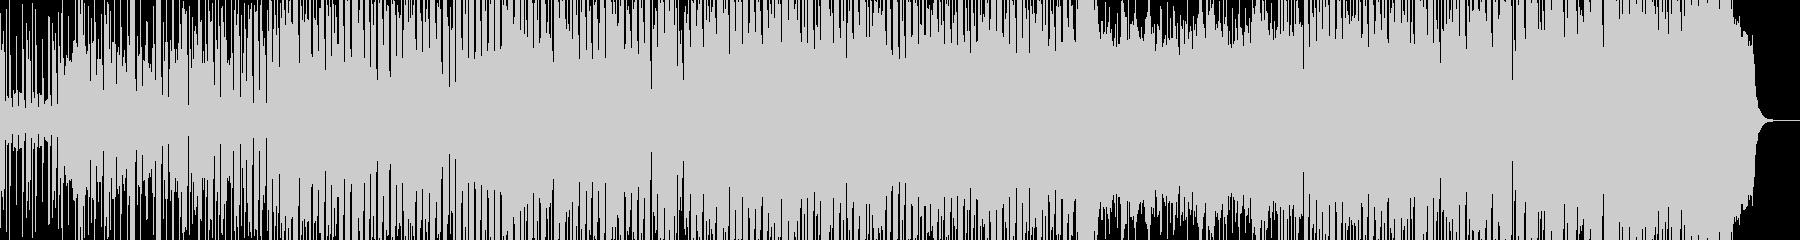 ほのぼの可愛いリコーダーの音色の未再生の波形